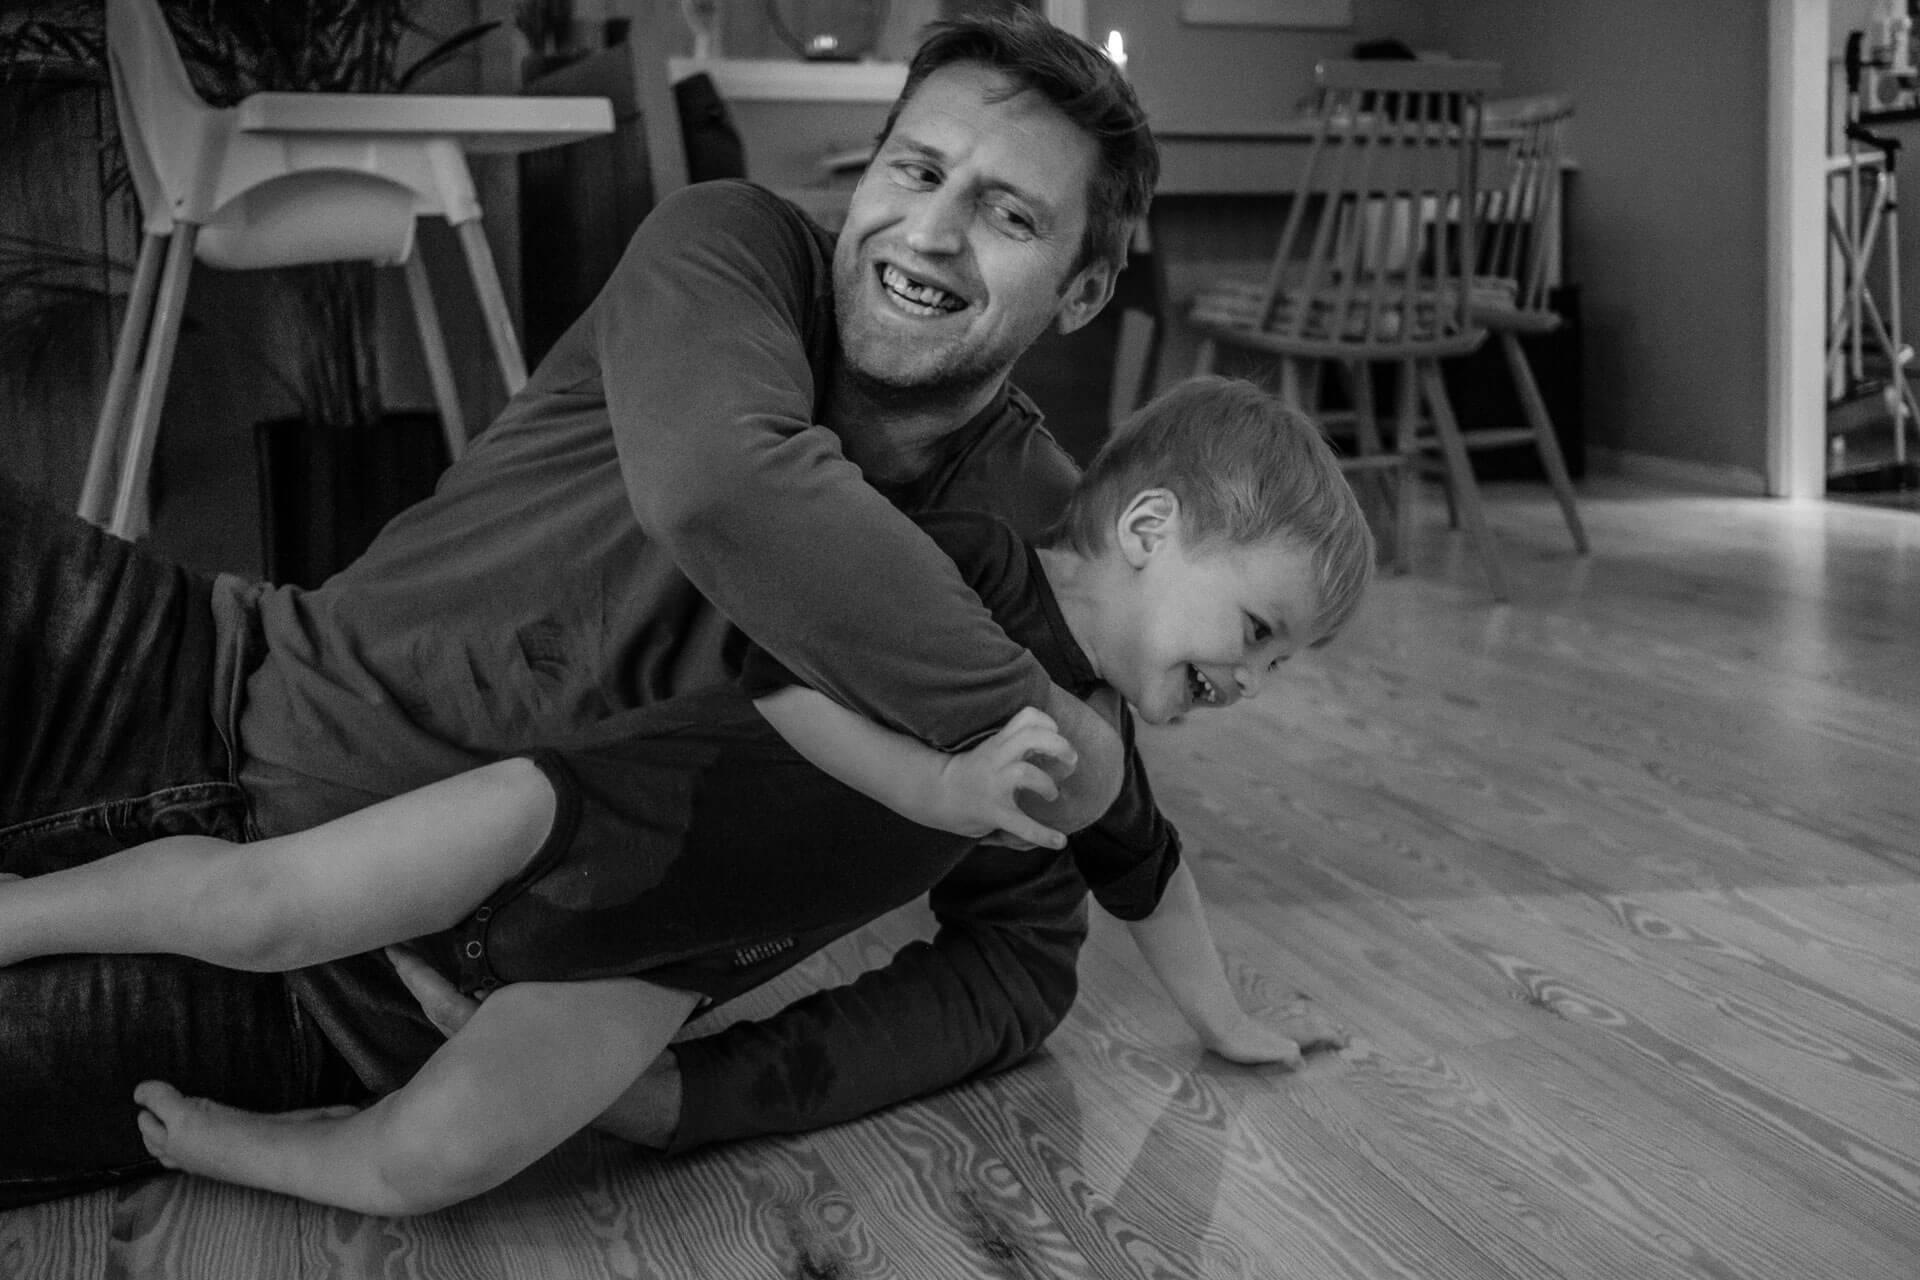 Far og sønn herjer på gulvet, begge med store smil.